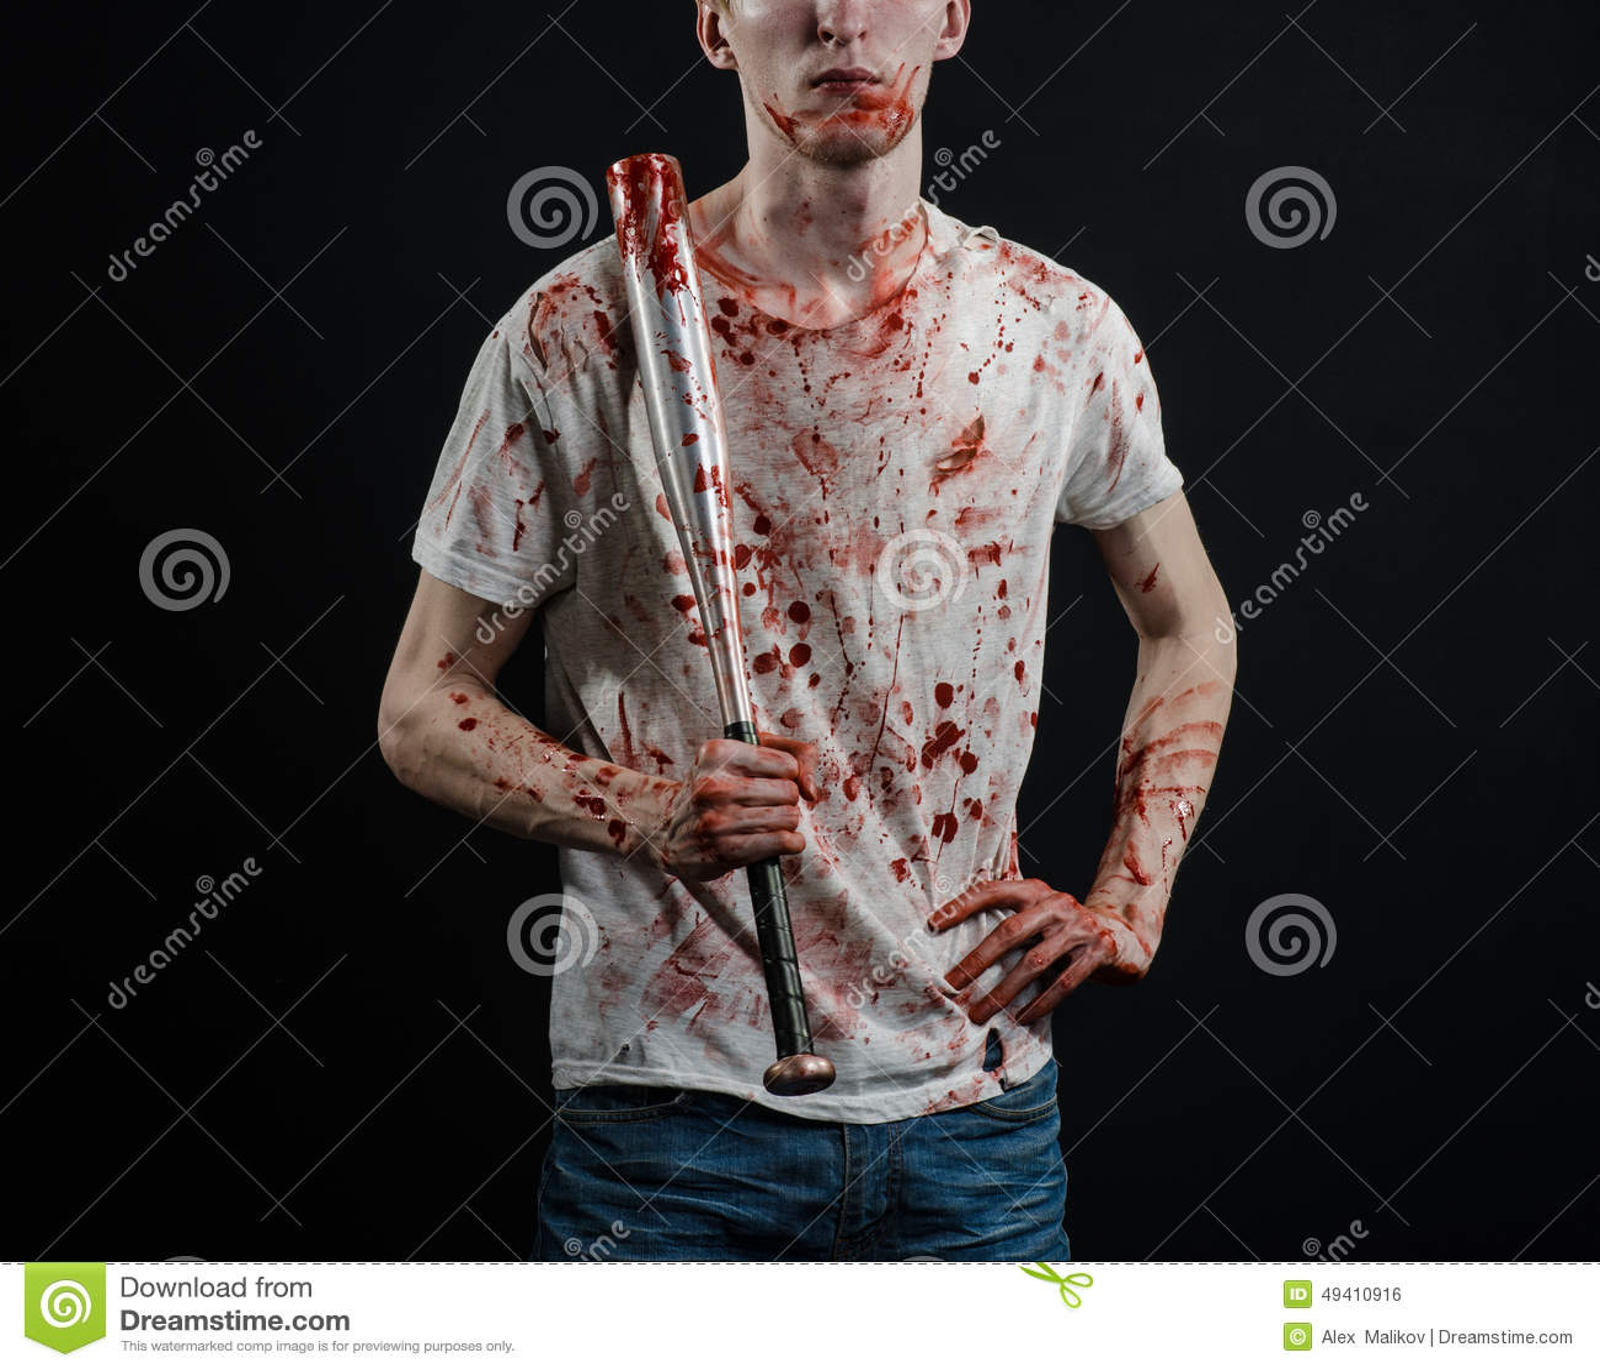 Download Blutiges Thema: Der Kerl In Einem Blutigen T-Shirt, Das Einen Blutigen Schläger Auf Einem Schwarzen Hintergrund Hält Stockfoto - Bild von mörder, schlacht: 49410916